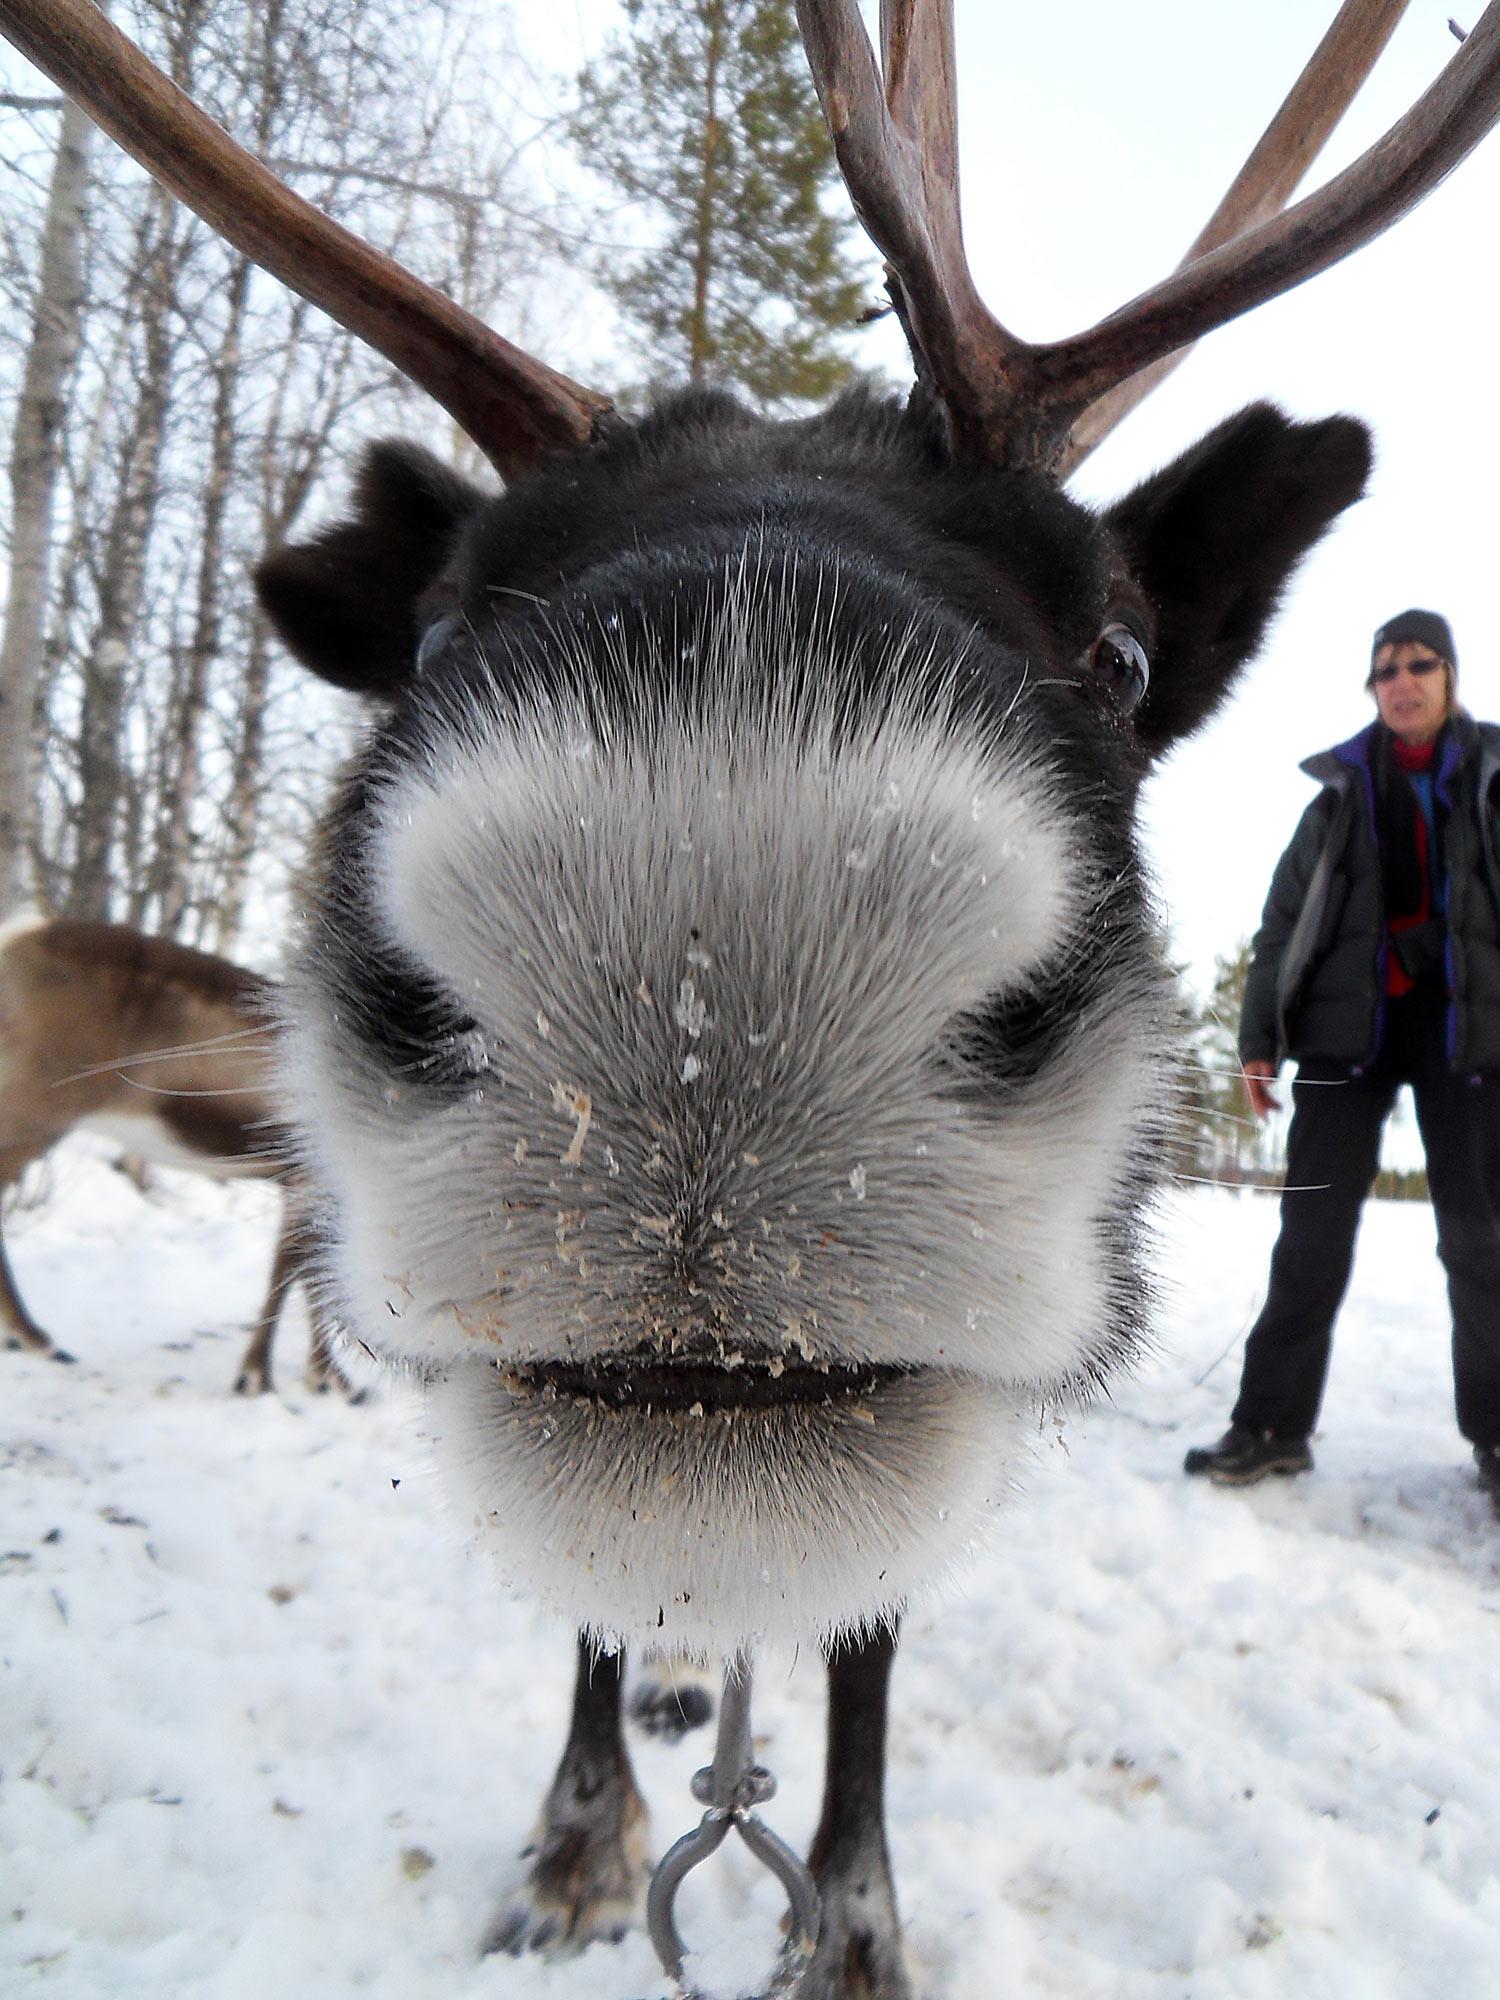 abenteuerreich Erlebnistouren, Pulkatour, Lappland, Schweden, Samen, Trekkingtour, Schneeschuhtour